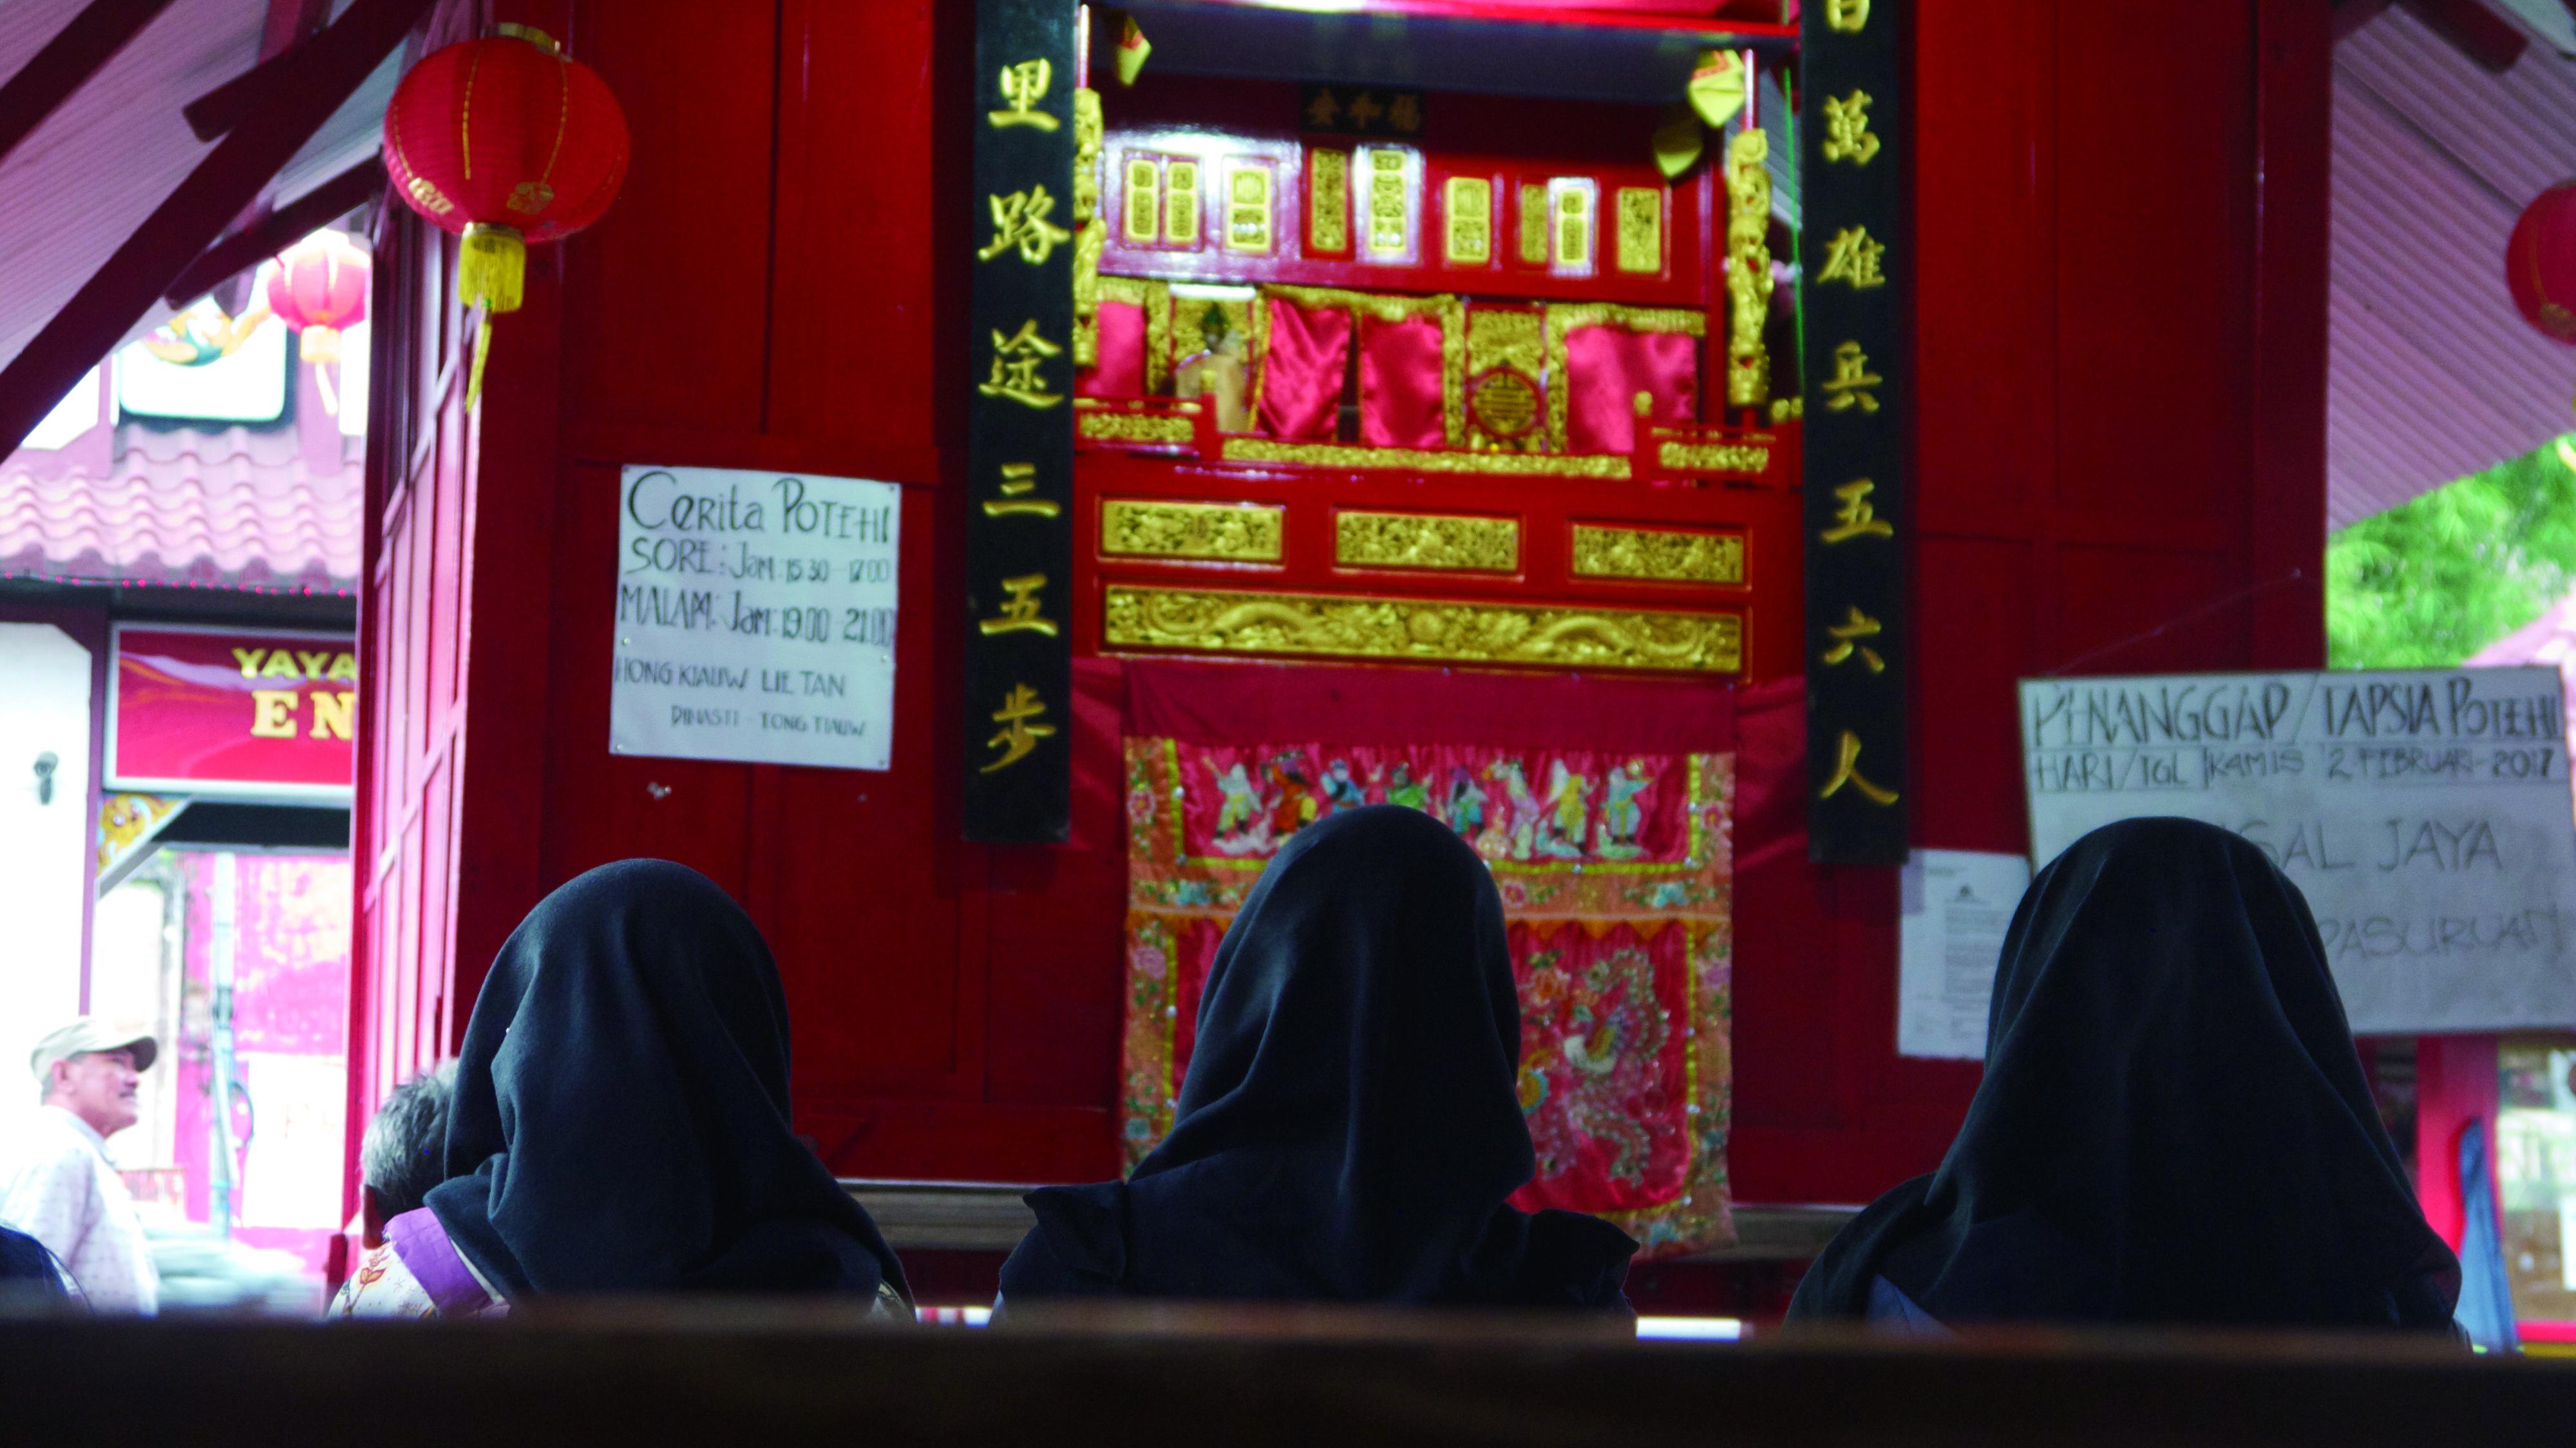 印尼穆斯林在華人宮廟看布袋戲,印證文化就是最好的溝通語言。.jpg